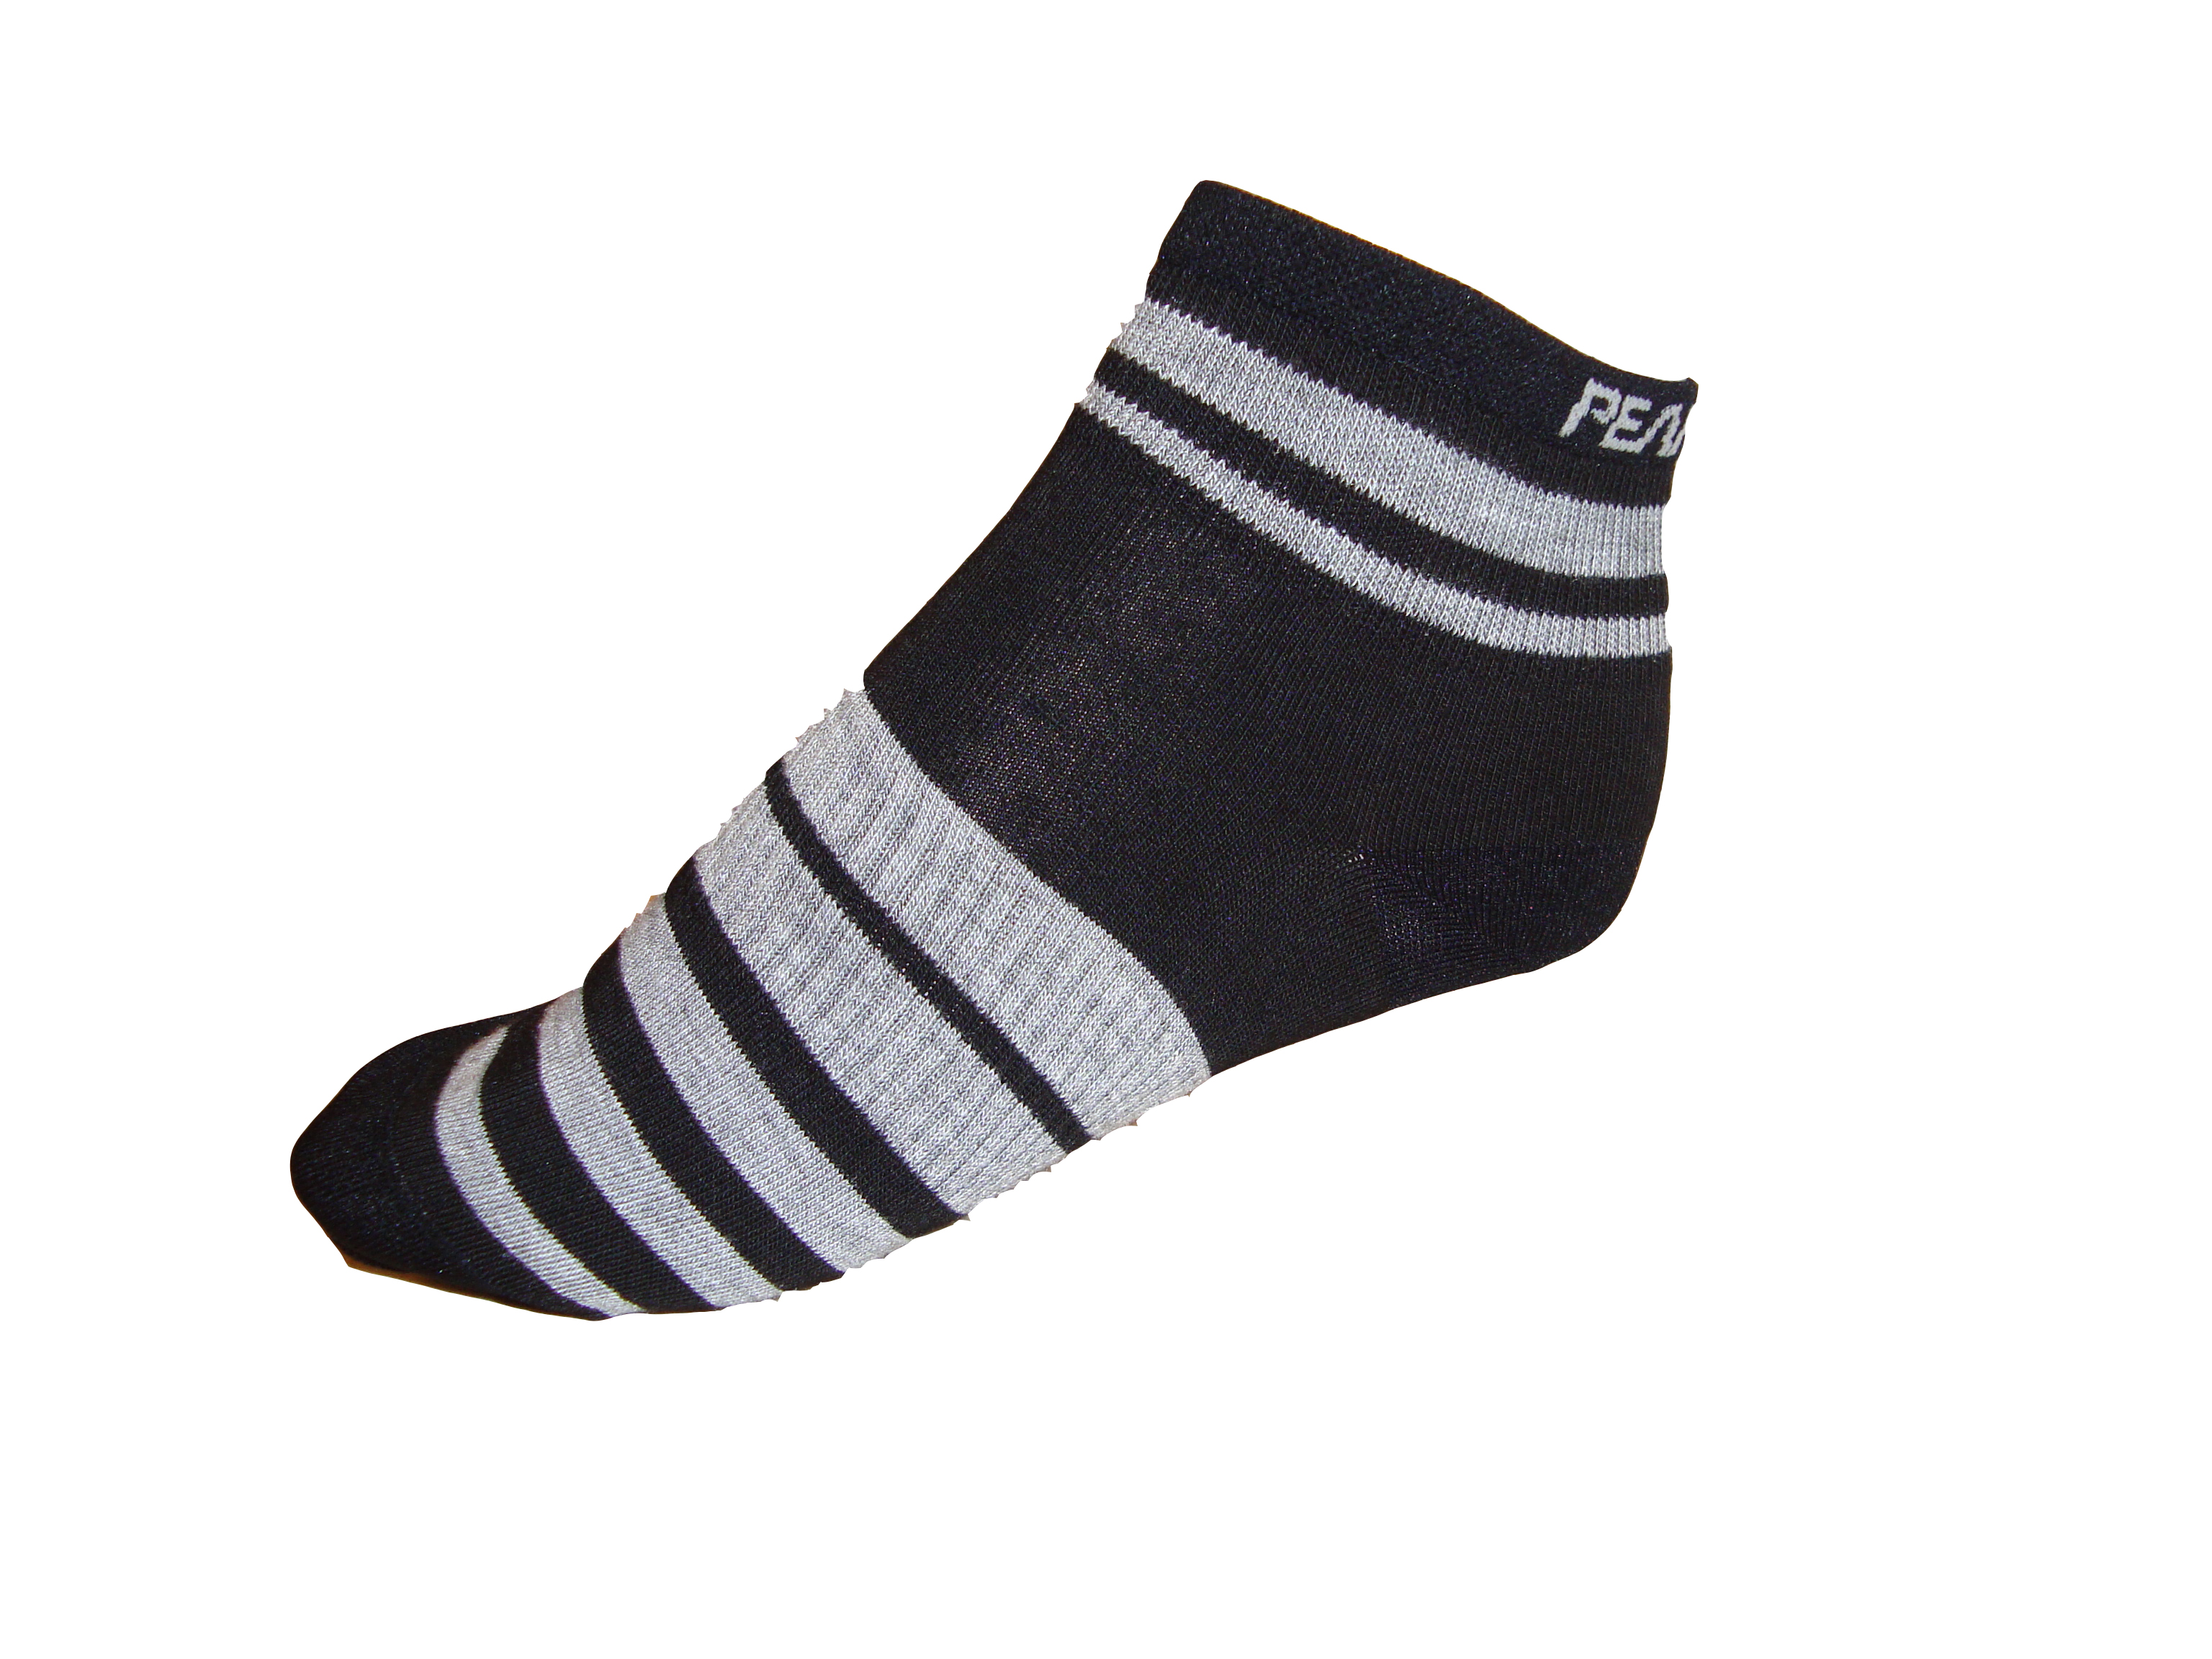 PEARL iZUMi W ELITE ponožky, PI CORE černá, L